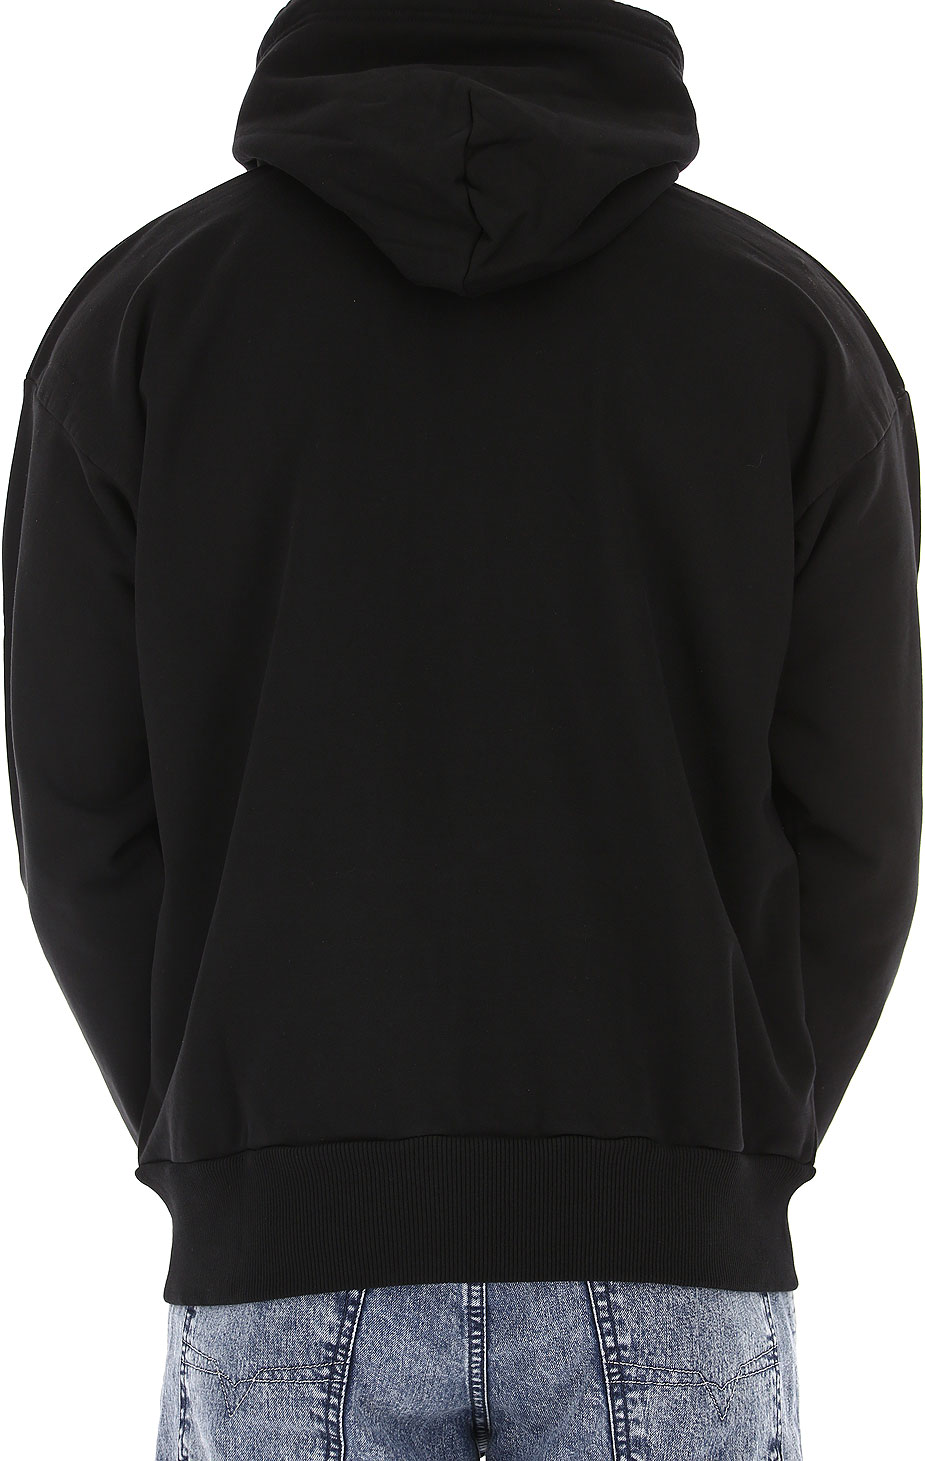 Abbigliamento Uomo Diesel, Codice Articolo: 00s8wb-0iaeg-900